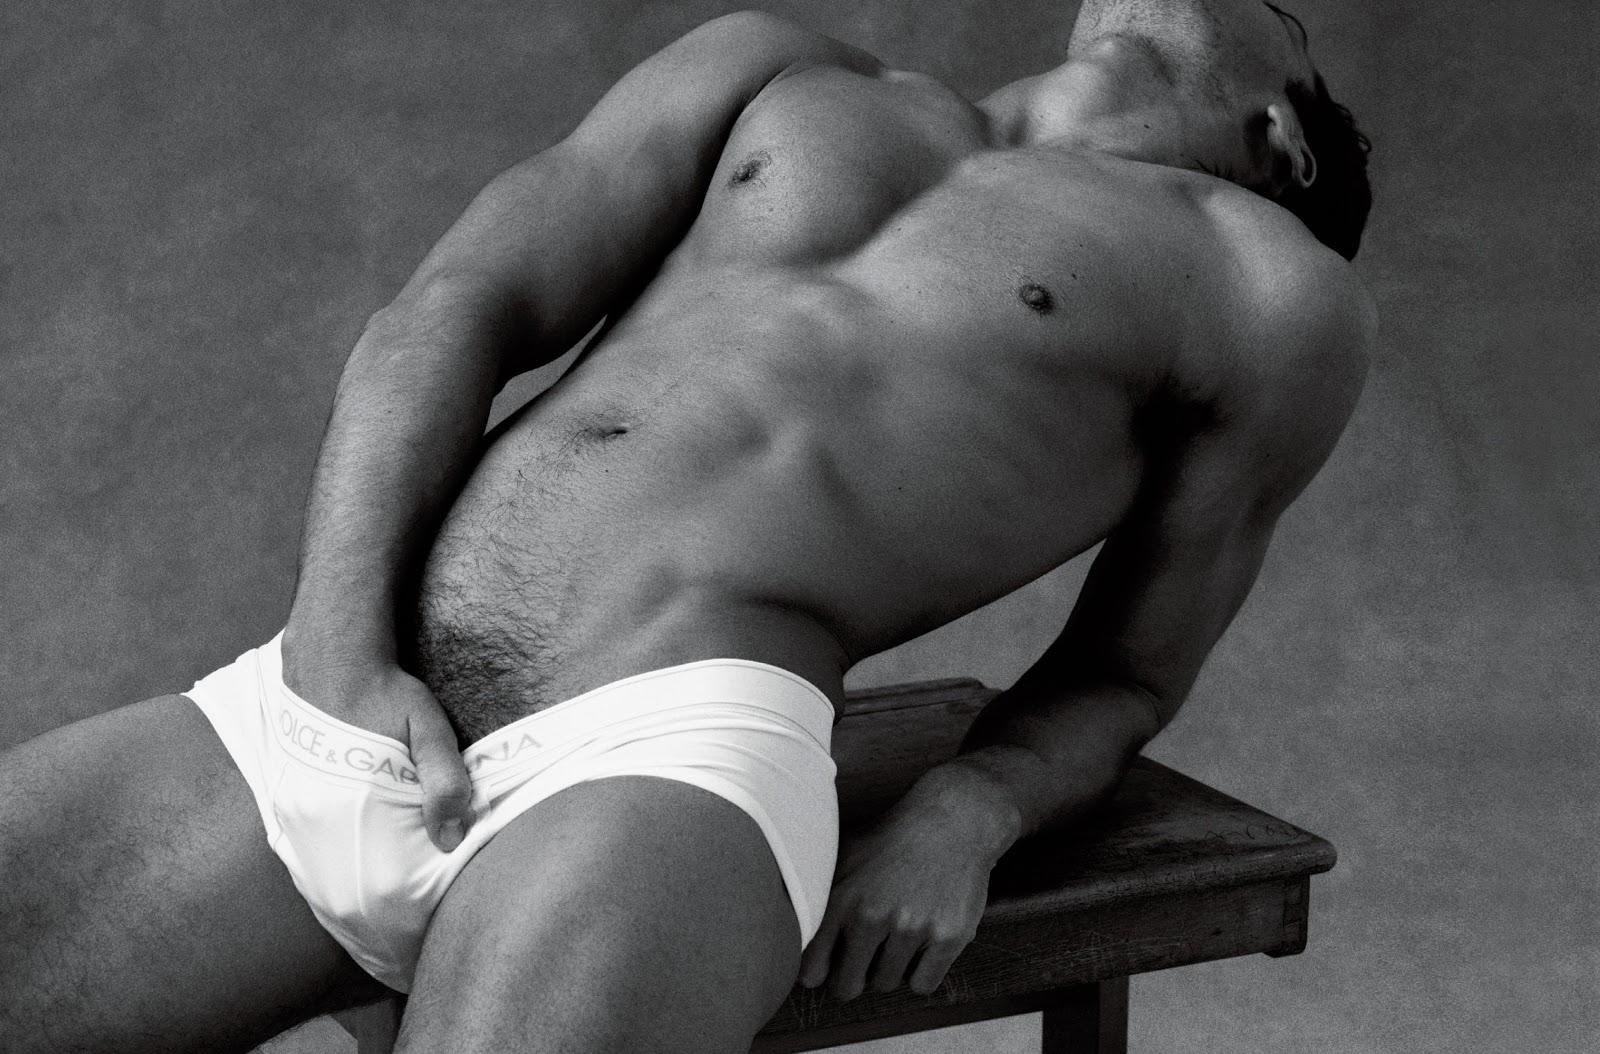 Эротические картинки голых мужиков, Голые мужчины фото - обнаженные парни 10 фотография